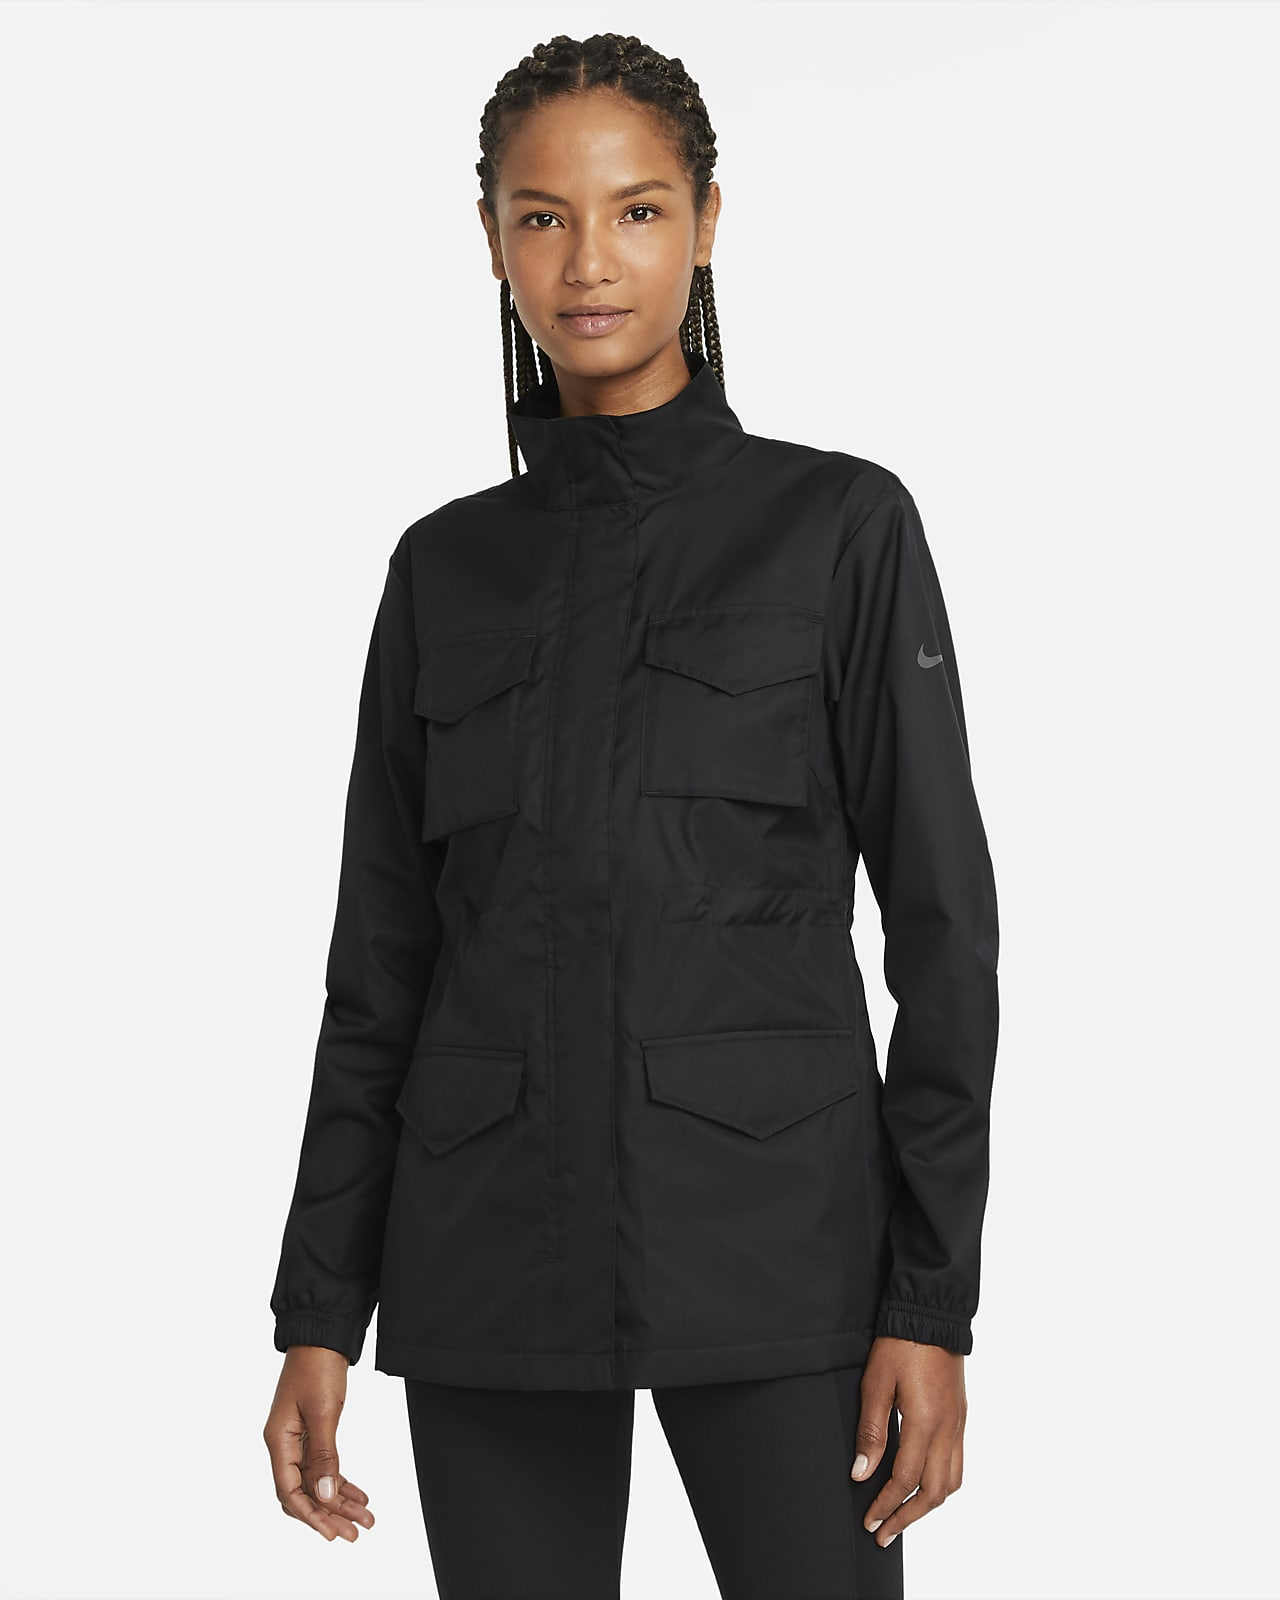 Nike Sportswear Jaqueta M65 de teixit Woven - Dona